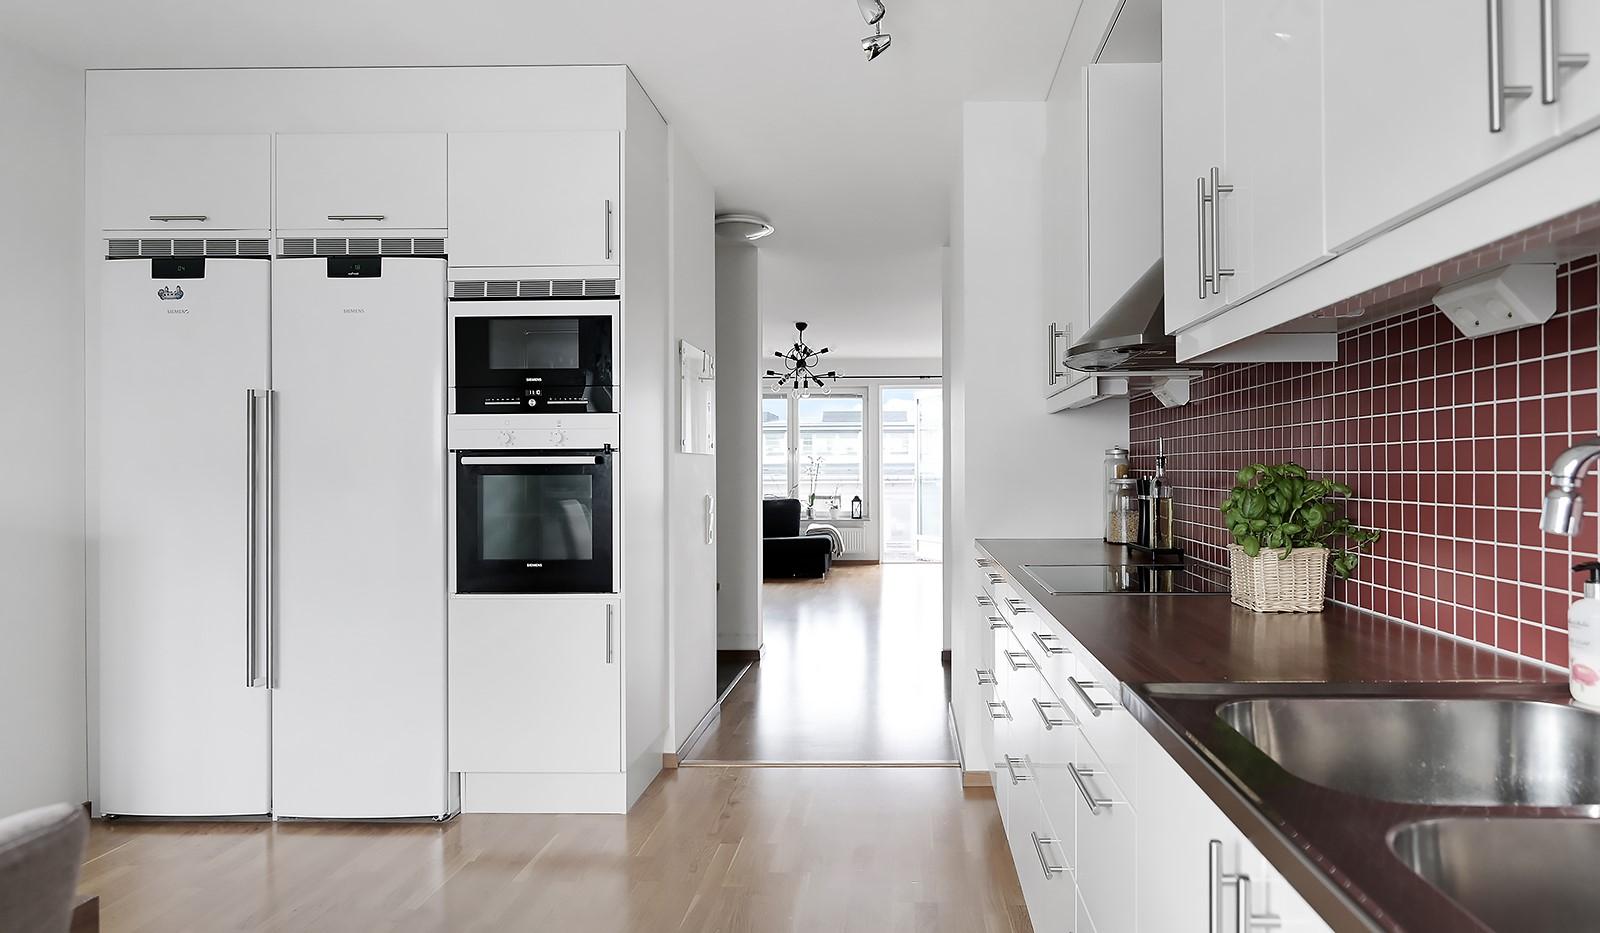 Marieviksgatan 40, 7 tr - Inbyggnadsugn och mikro samt fullstor kyl och frys.